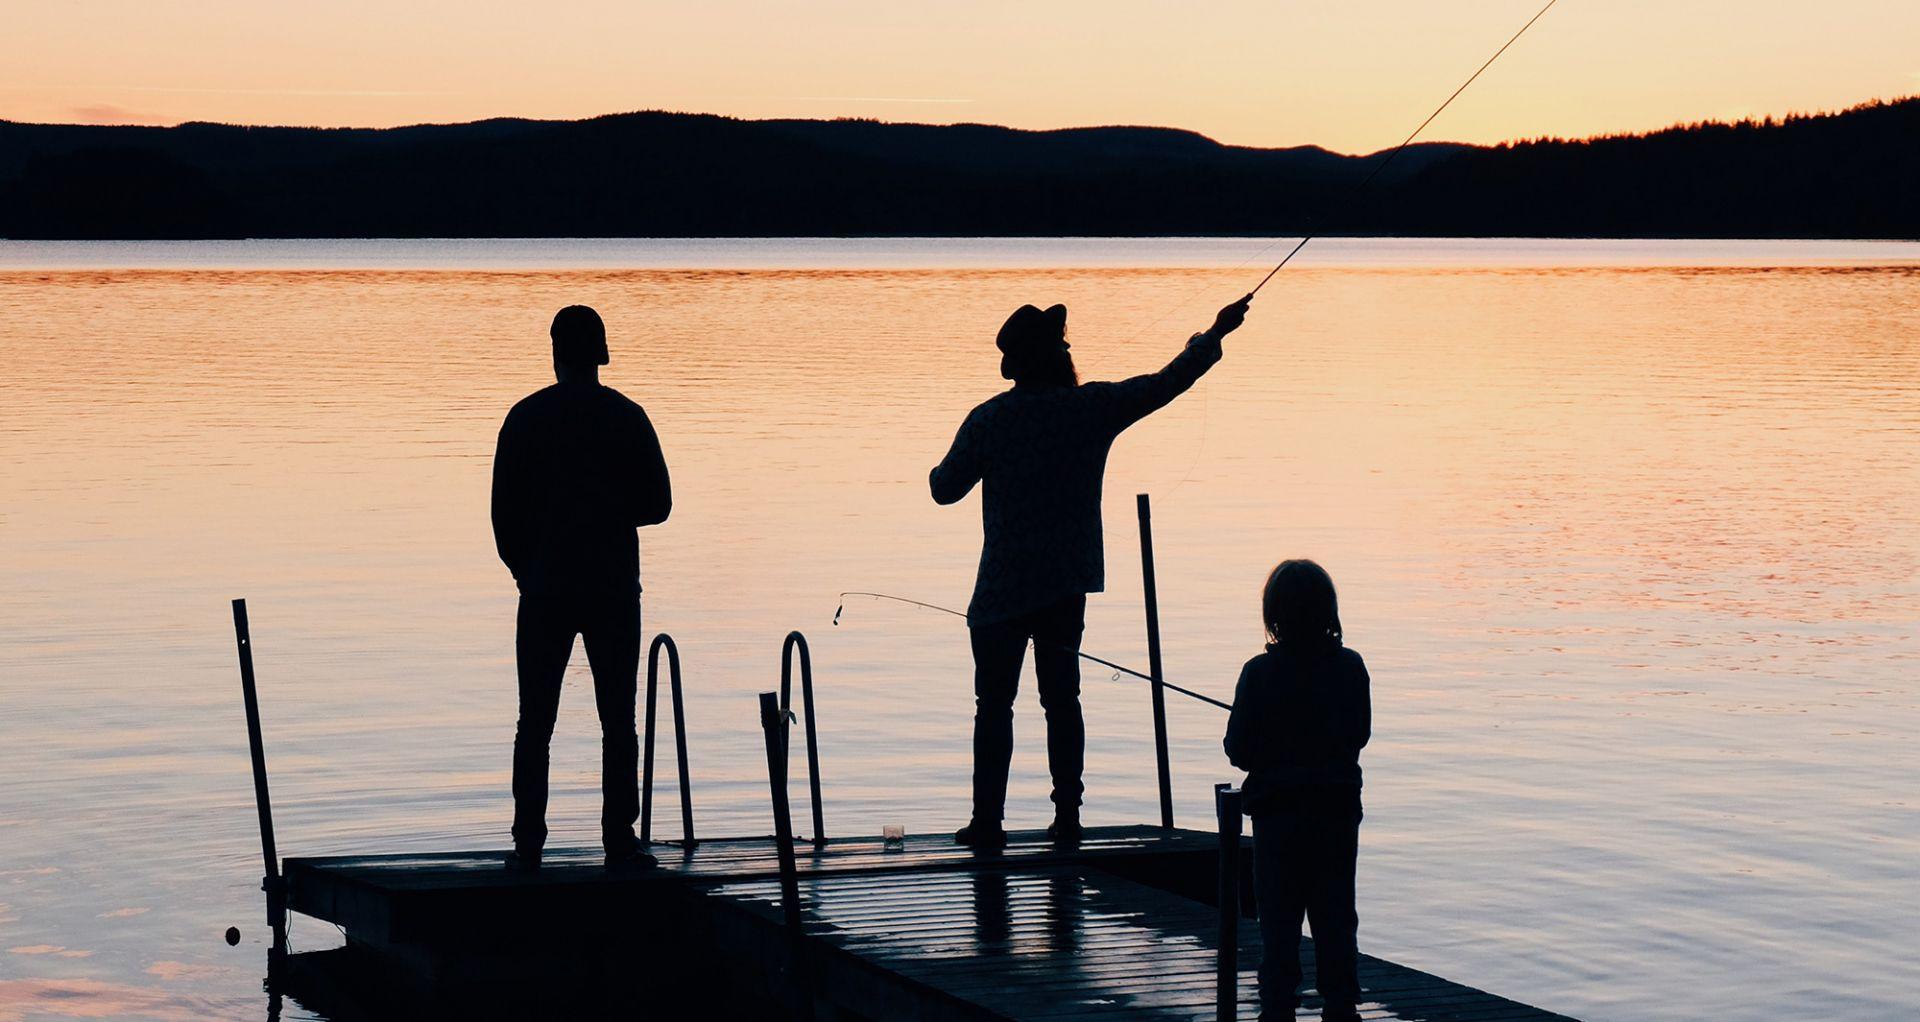 Kolme ihmistä laiturilla, yksi heistä onkii. Taustalla auringonlasku.